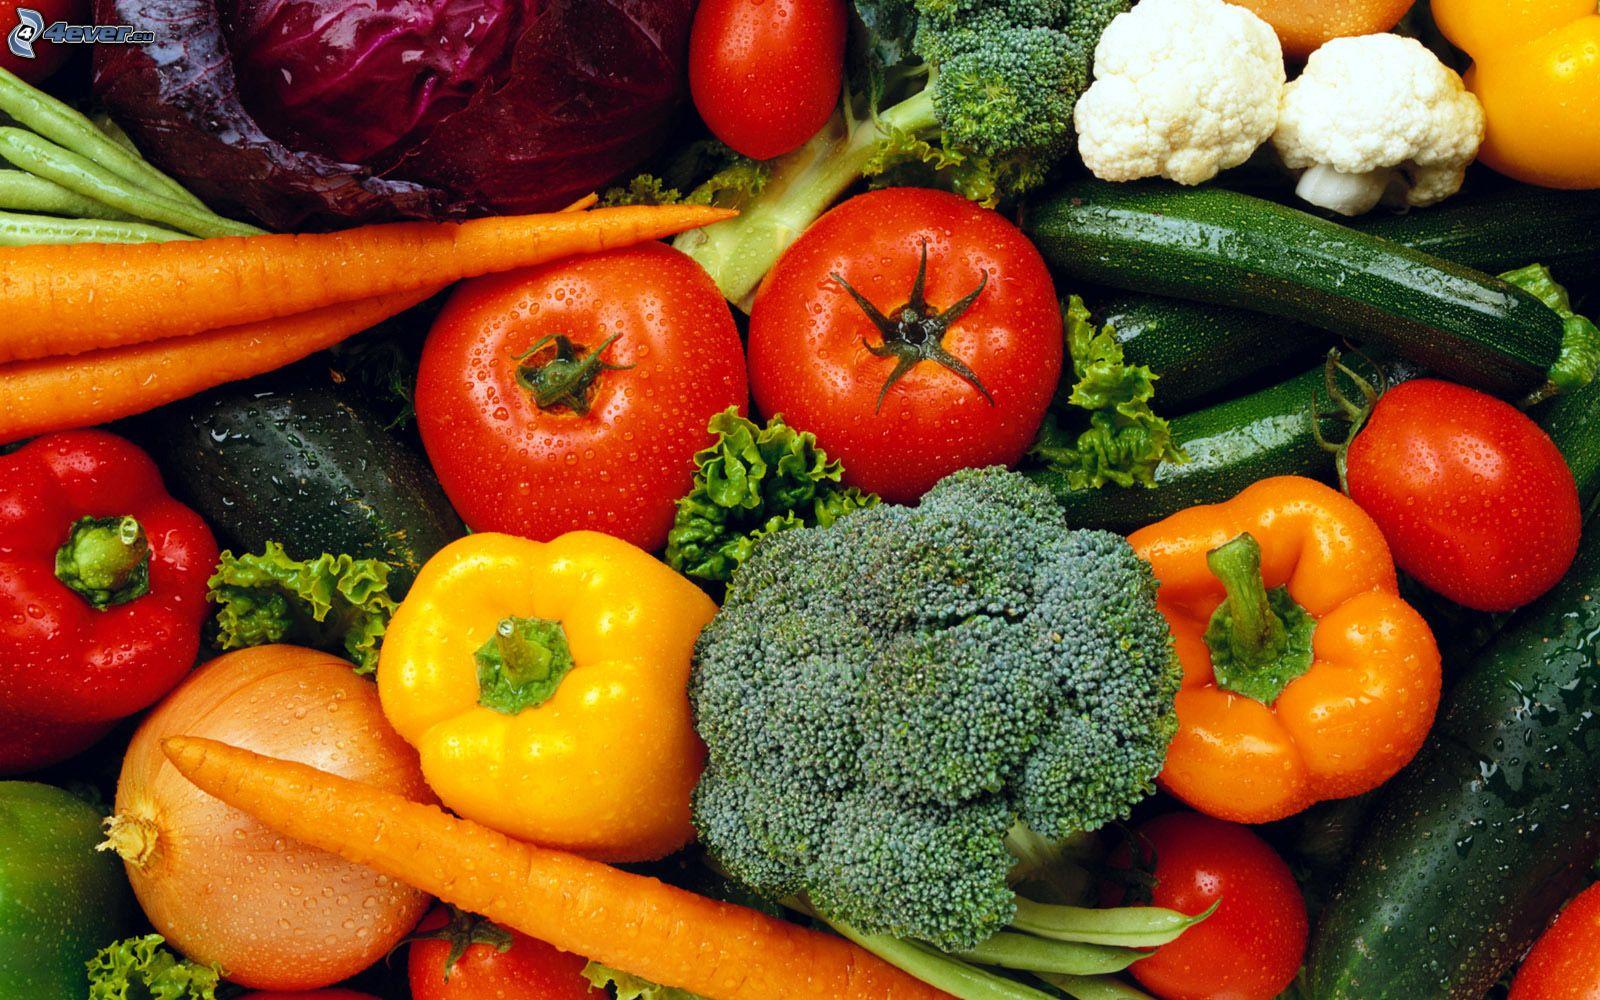 Vantaggi e svantaggi delle diete vegetariane e vegana a #ricettainsalute